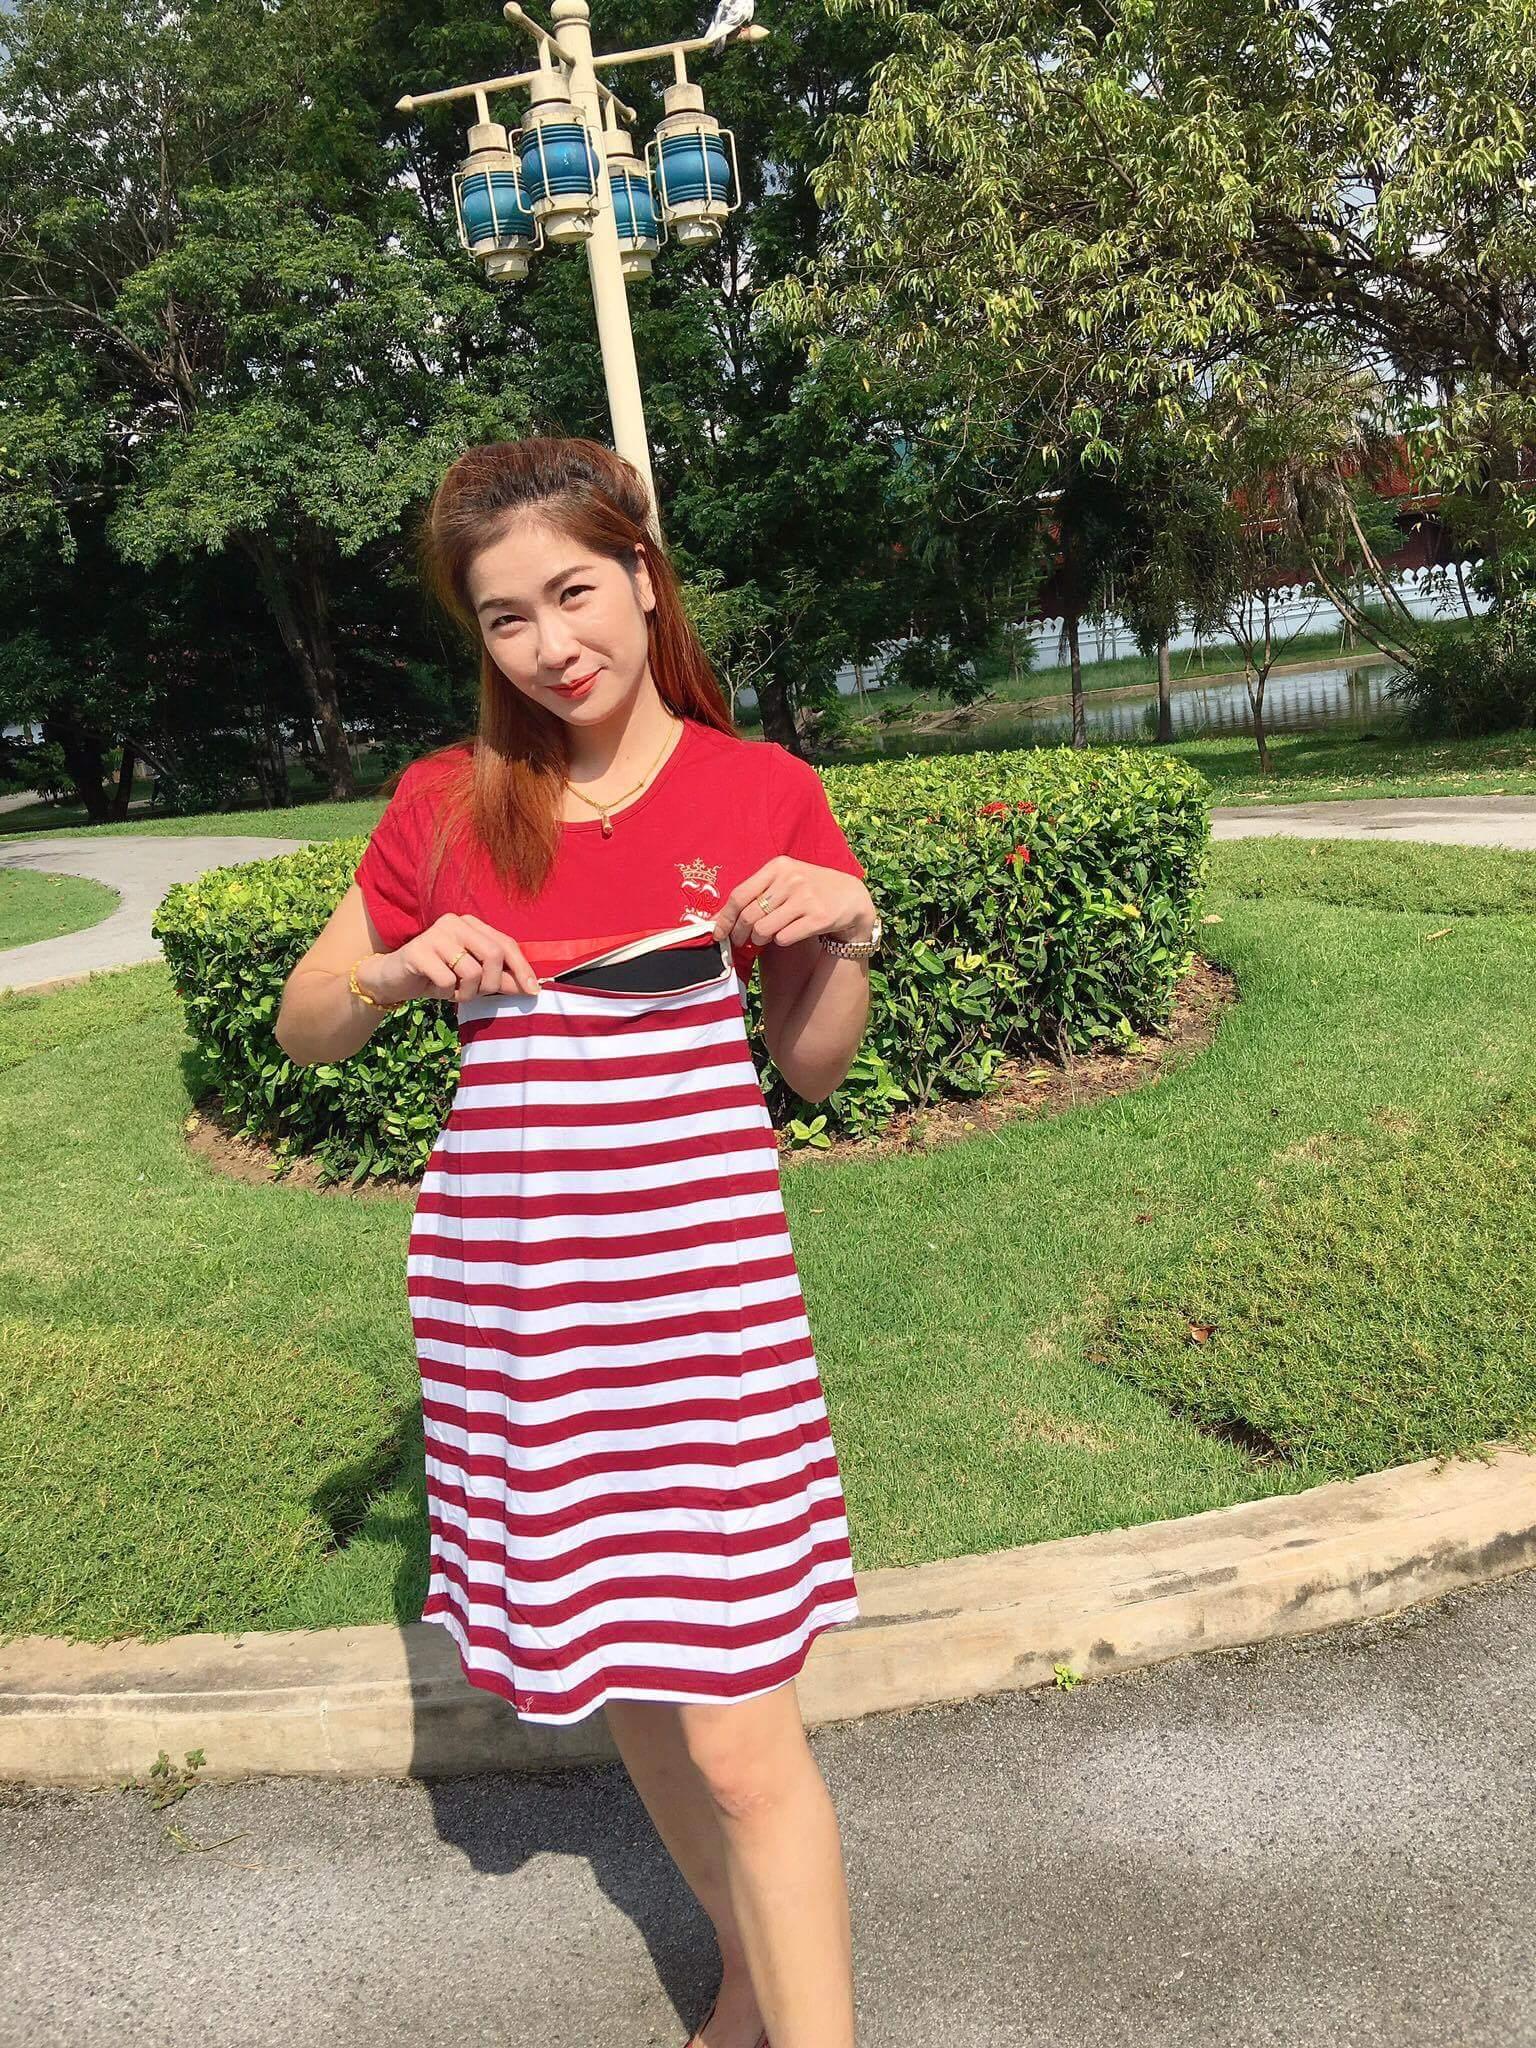 ชุดคลุมท้องผ้ายืดสีแดงสลับขาว ชุดให้นมได้ค่ะ ใส่สวย ผ้าดีงาม พร้อมเชือกผูกหลัง